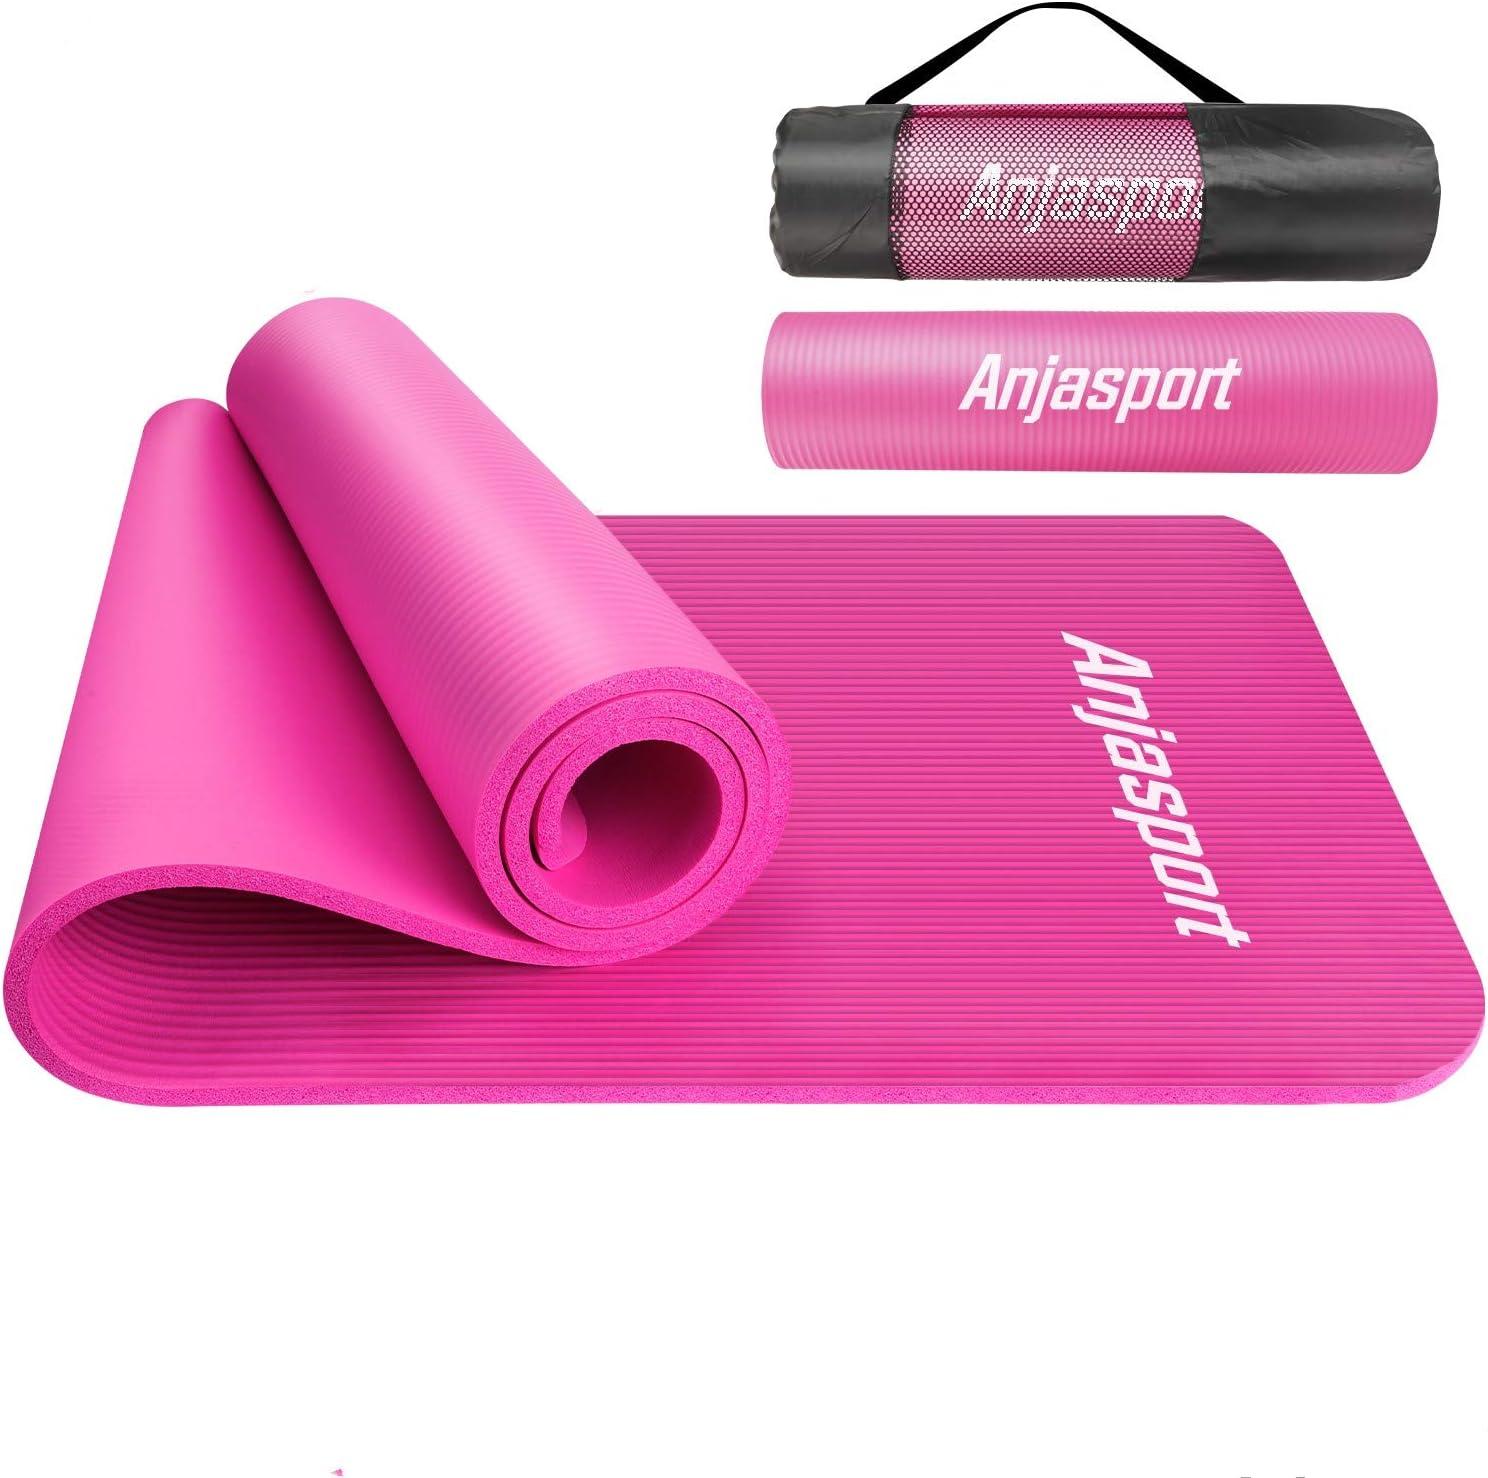 2020年 ヨガマットトレーニングマット エクササイズマット ヨガ ピラティス マット 厚さ 10mm 軽量 耐久性 肌に優しい 高密度 ニトリルゴム 滑り止め マットバッグ ストラップ 男女兼用 収納ケース付 yoga mat